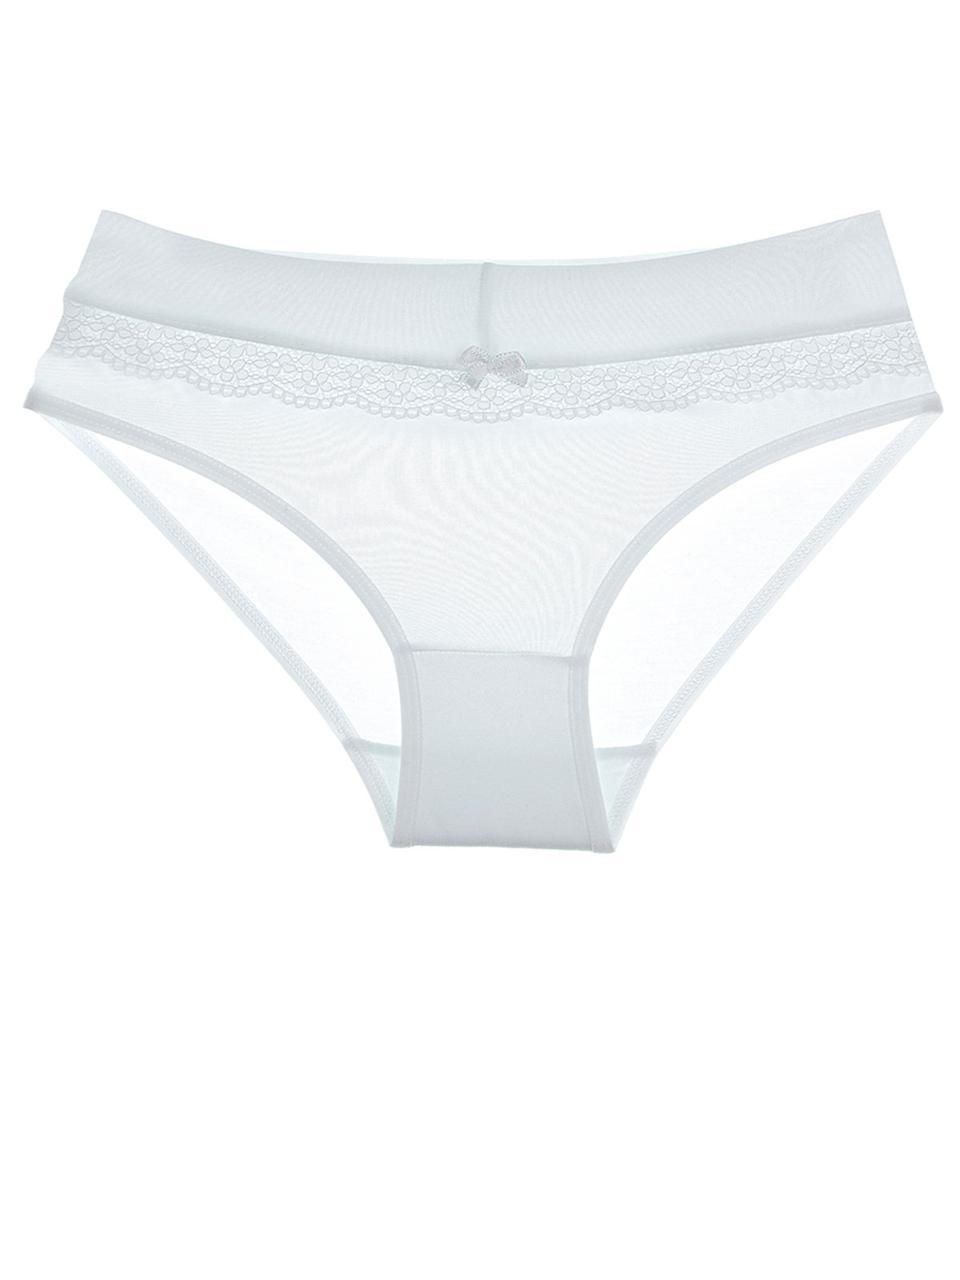 Белые трусы для девочки по ширине кружевная полоска 92-98 (2-3 года) Donella Турция